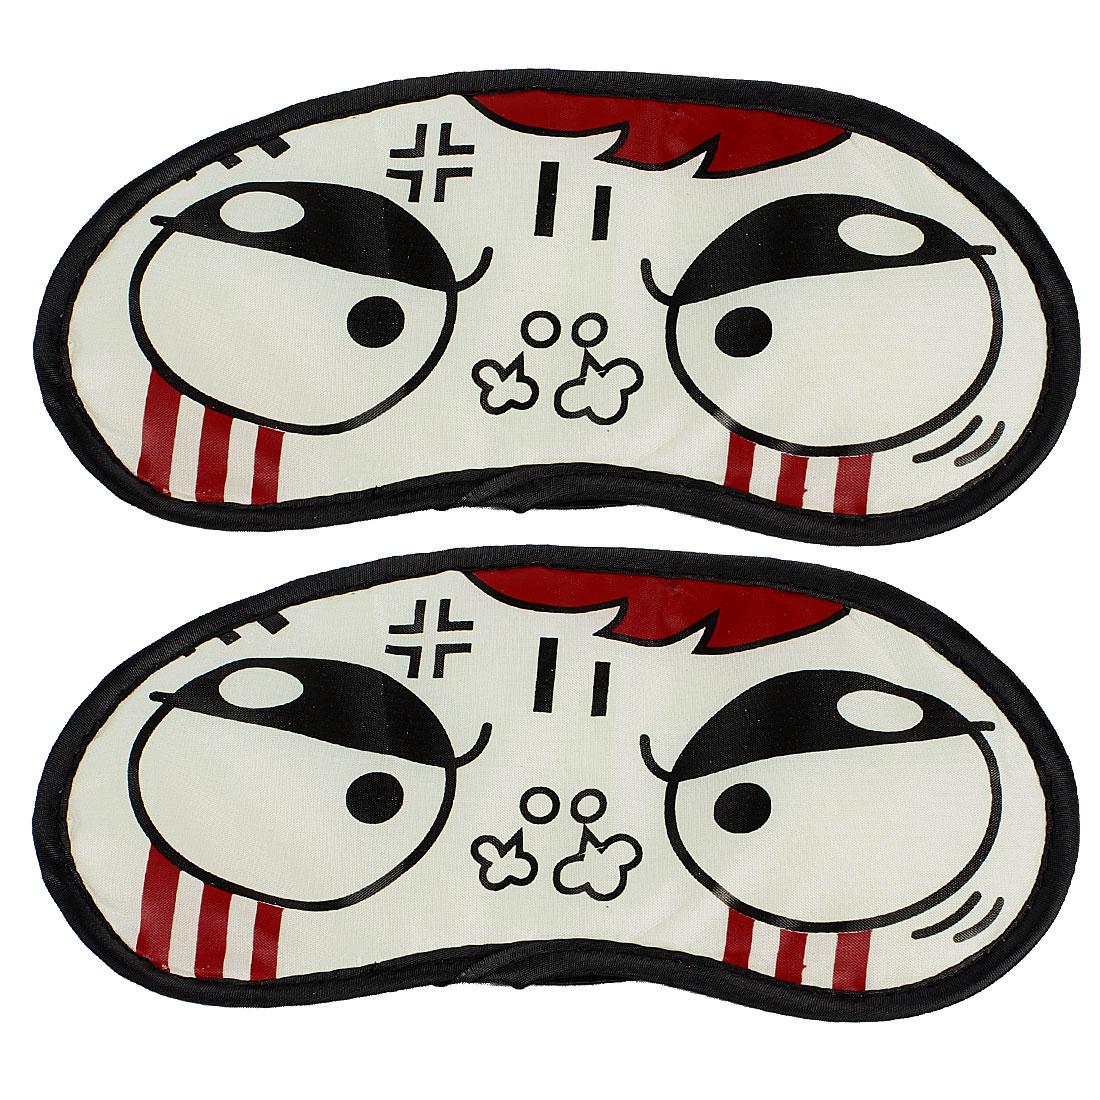 Cartoon Angry Expression Pattern Elastic Band Eye Shade Eyes Mask White 2 Pcs